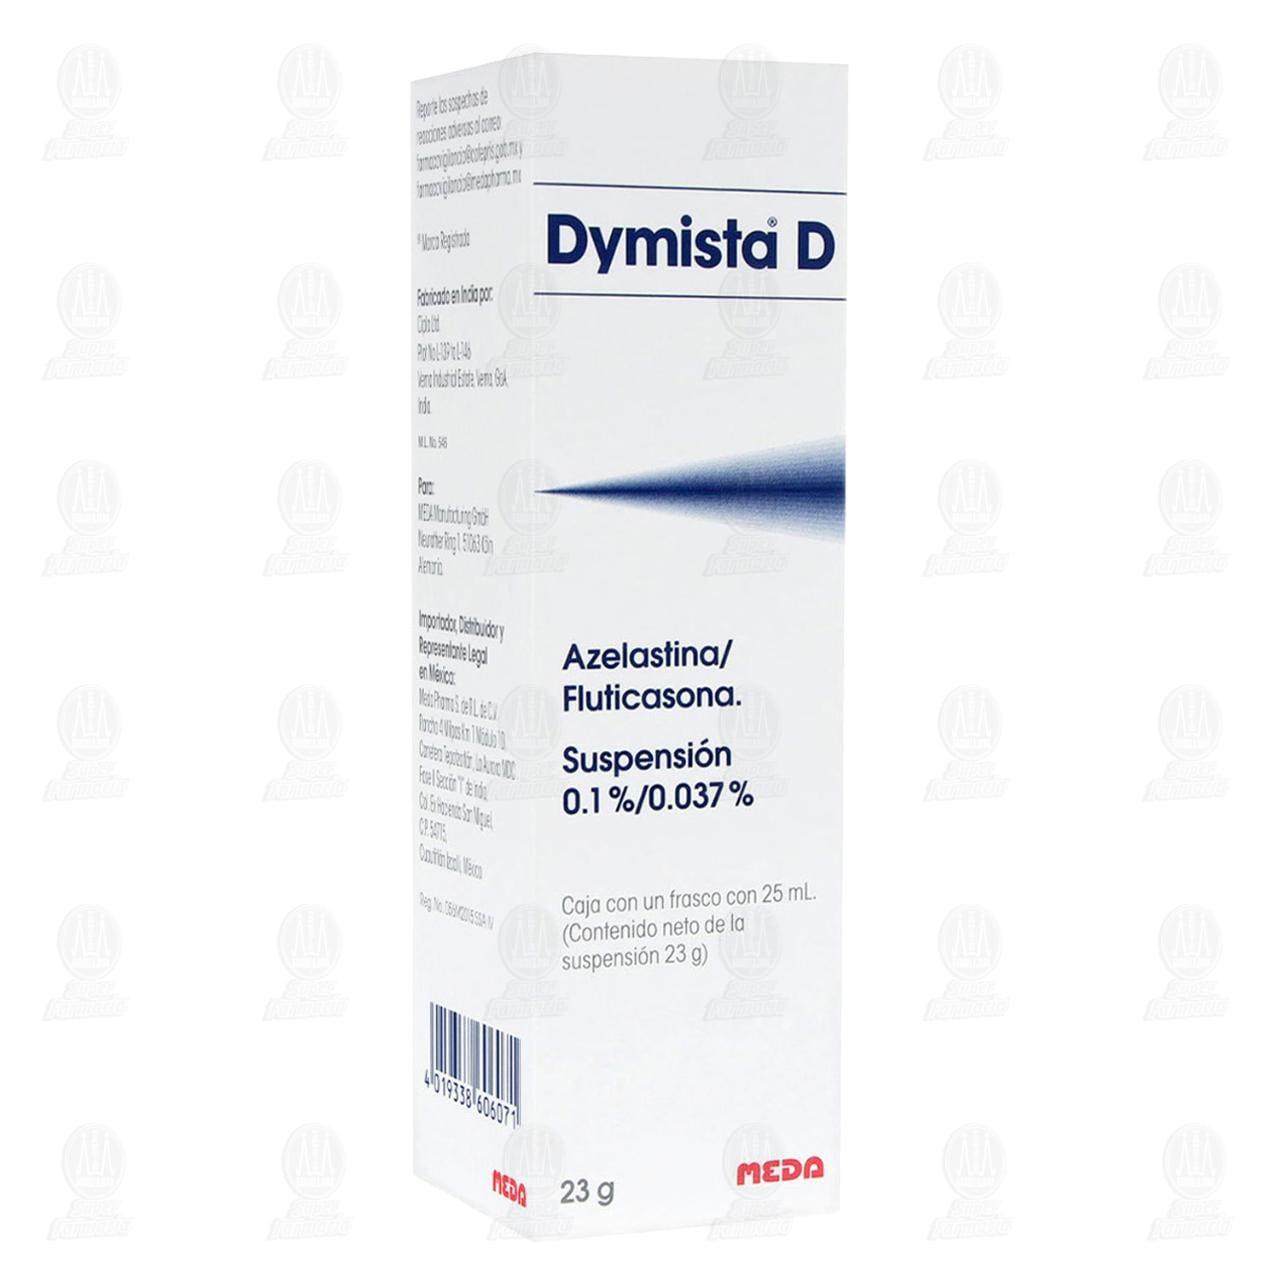 Comprar Dymista D 0.1/0.037% Suspensión 25ml en Farmacias Guadalajara